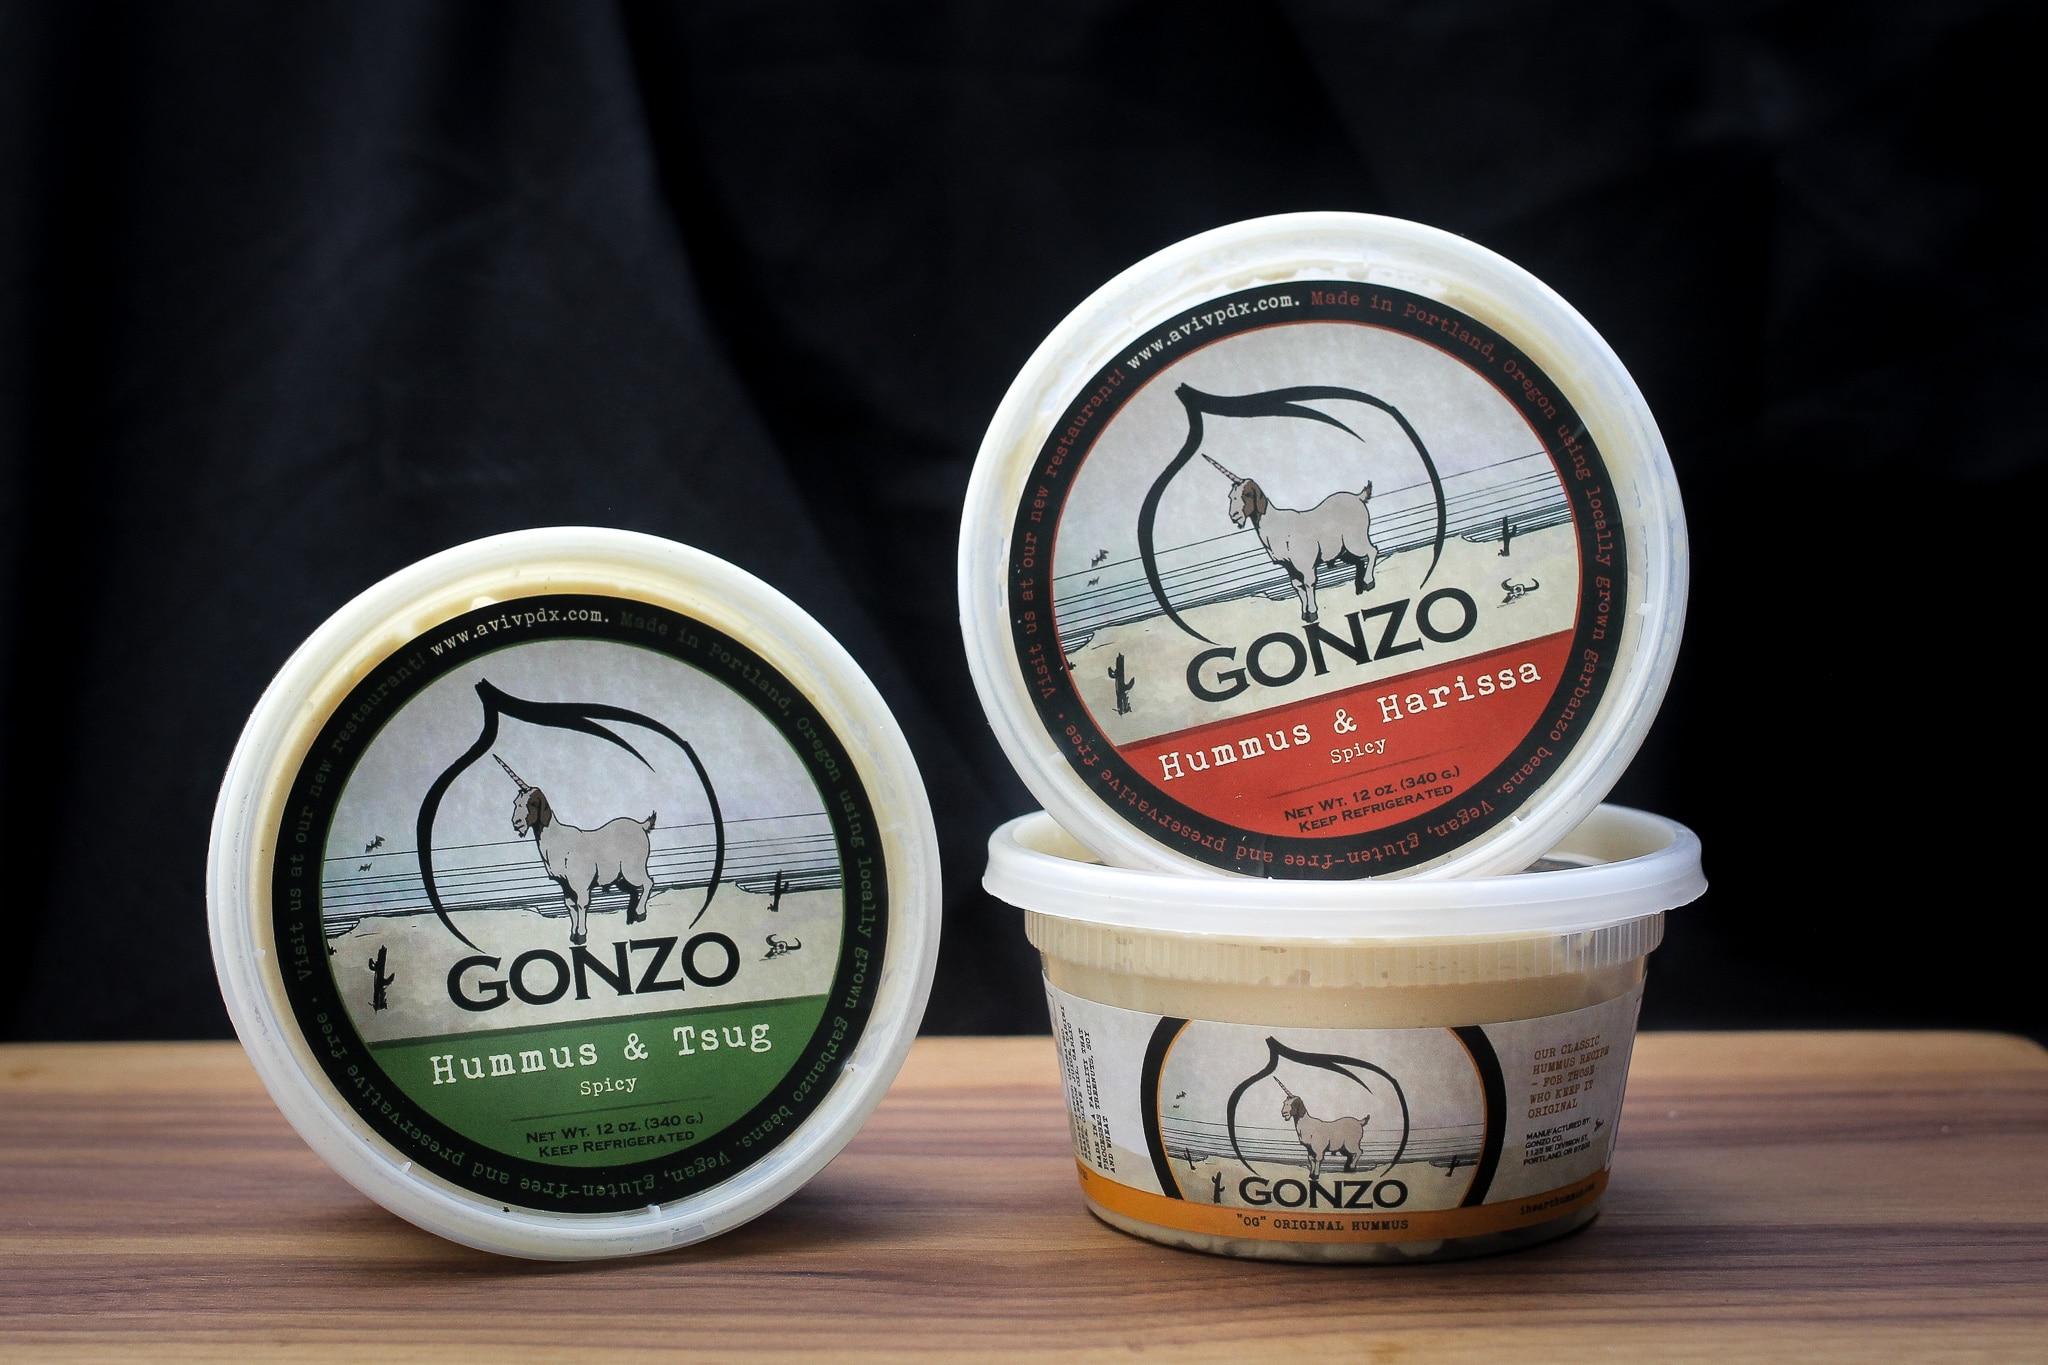 Gonzo Hummus Launches Hummus Line